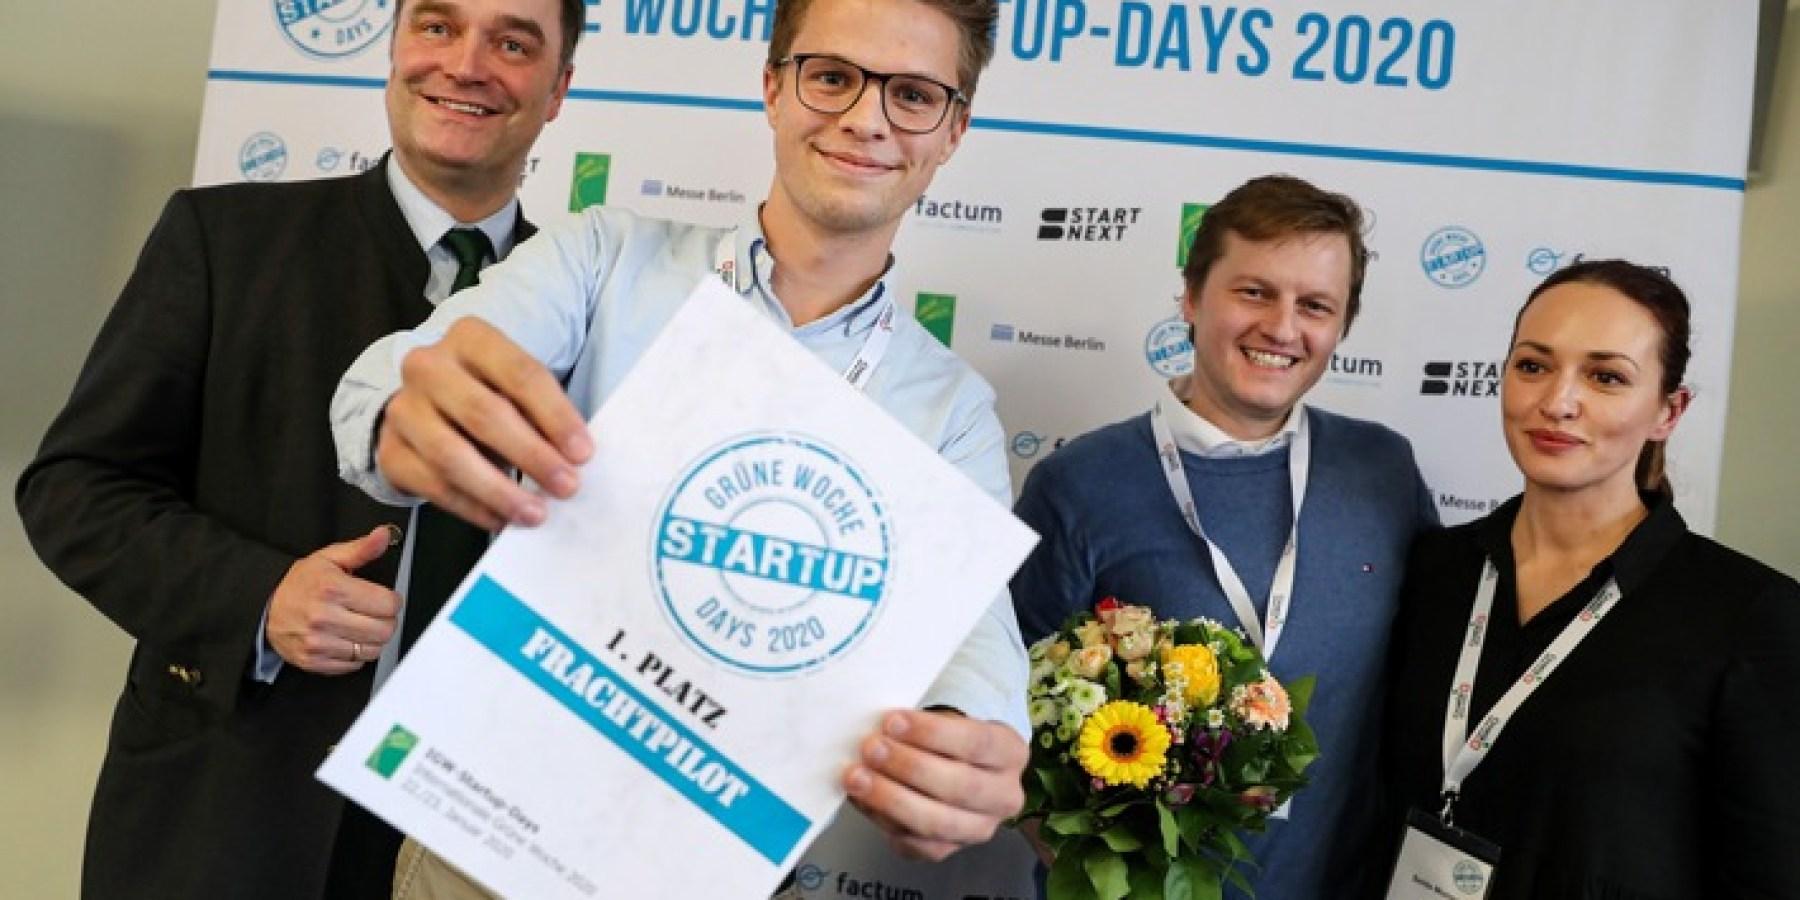 Grüne Woche 2020: Sieger der Startup-Days gekürt